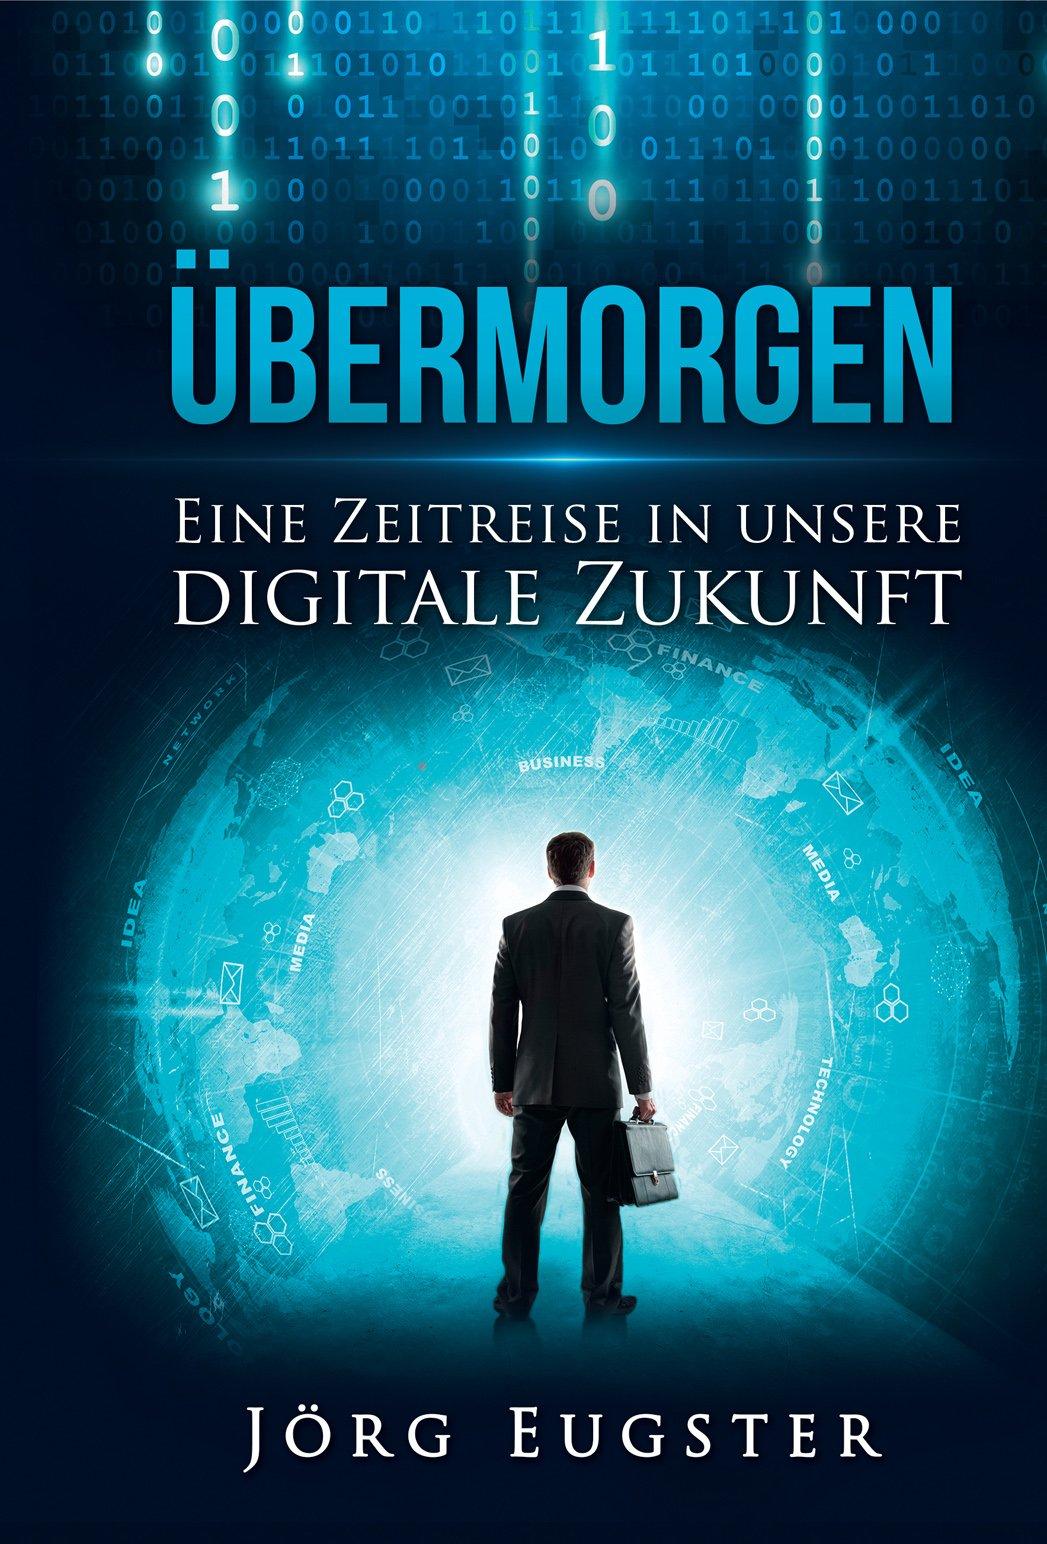 Übermorgen: Eine Zeitreise in unsere digitale Zukunft Sondereinband – 25. April 2017 Jörg Eugster Midas Management 3907100735 Business / Management